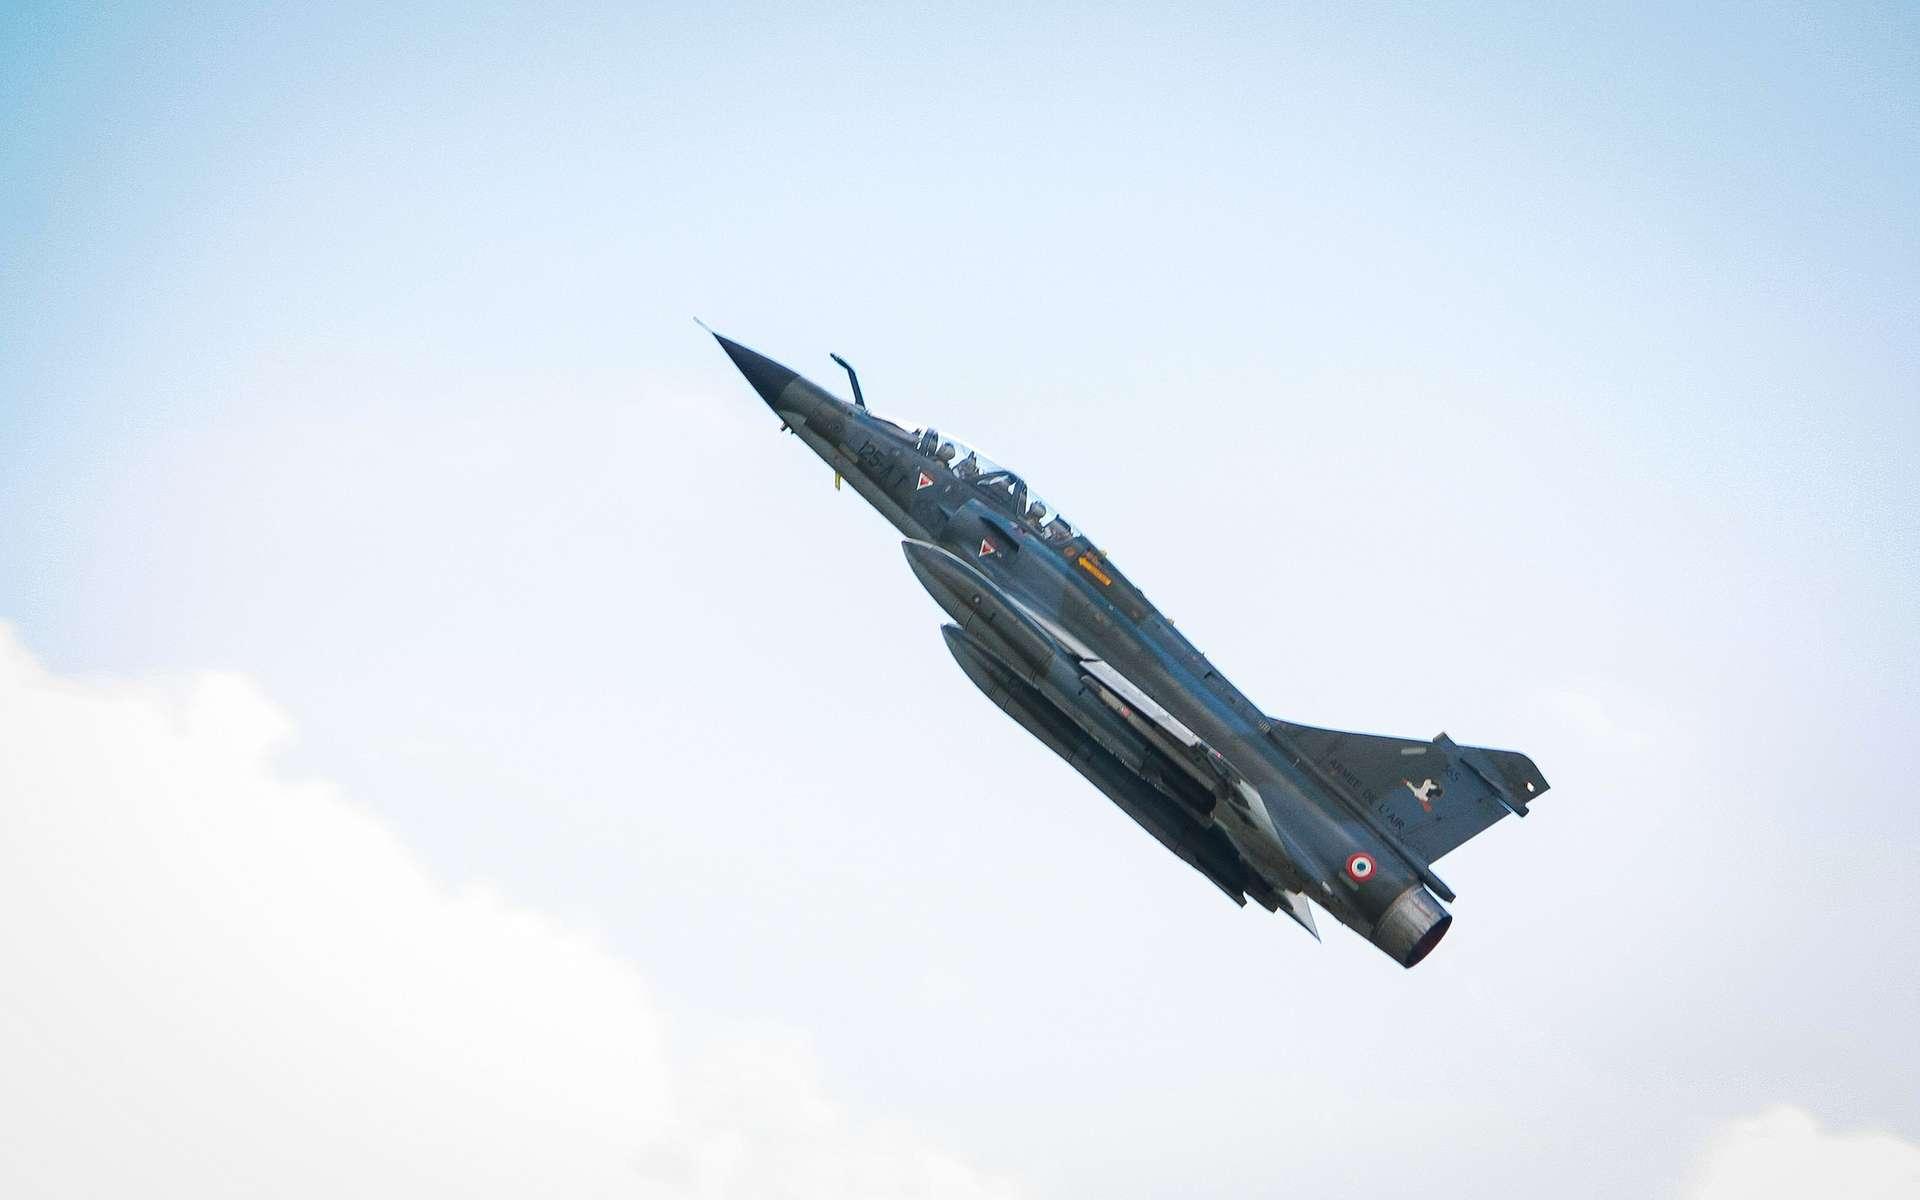 Les matériaux composites à matrice céramique sont employés, entre autres, dans le secteur de l'aéronautique militaire. © Bertrand Petitjean, Flickr, CC by-nc 2.0